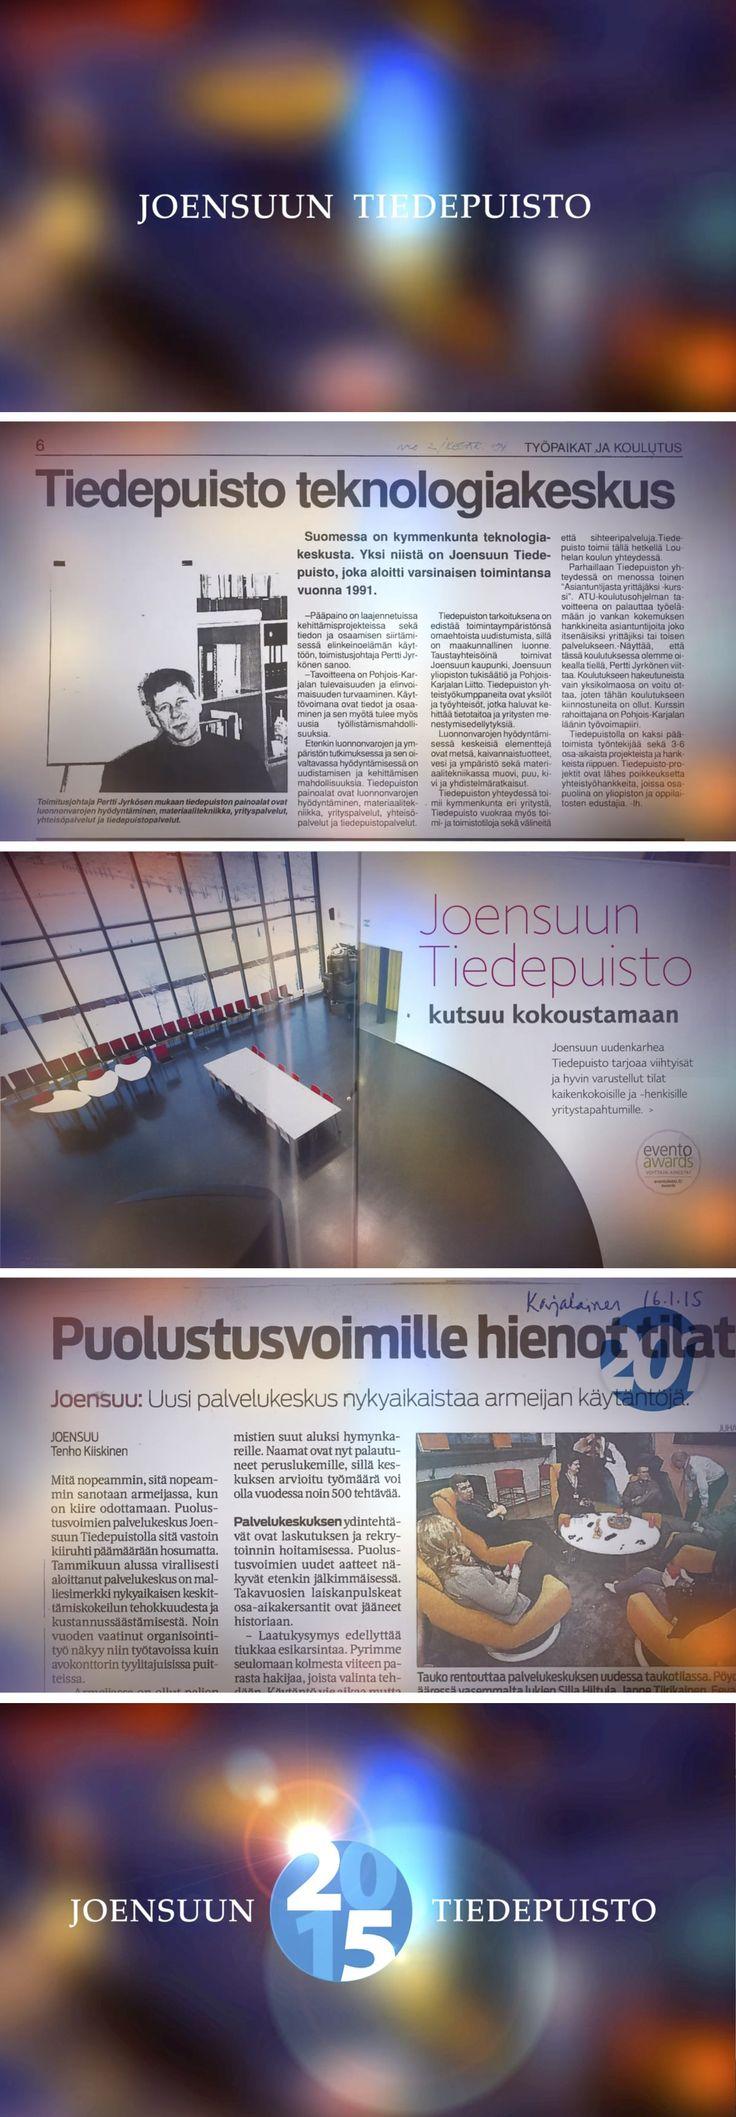 Joensuun Tiedepuisto 25 vuotta historiavideo - Joensuun Tiedepuisto oy